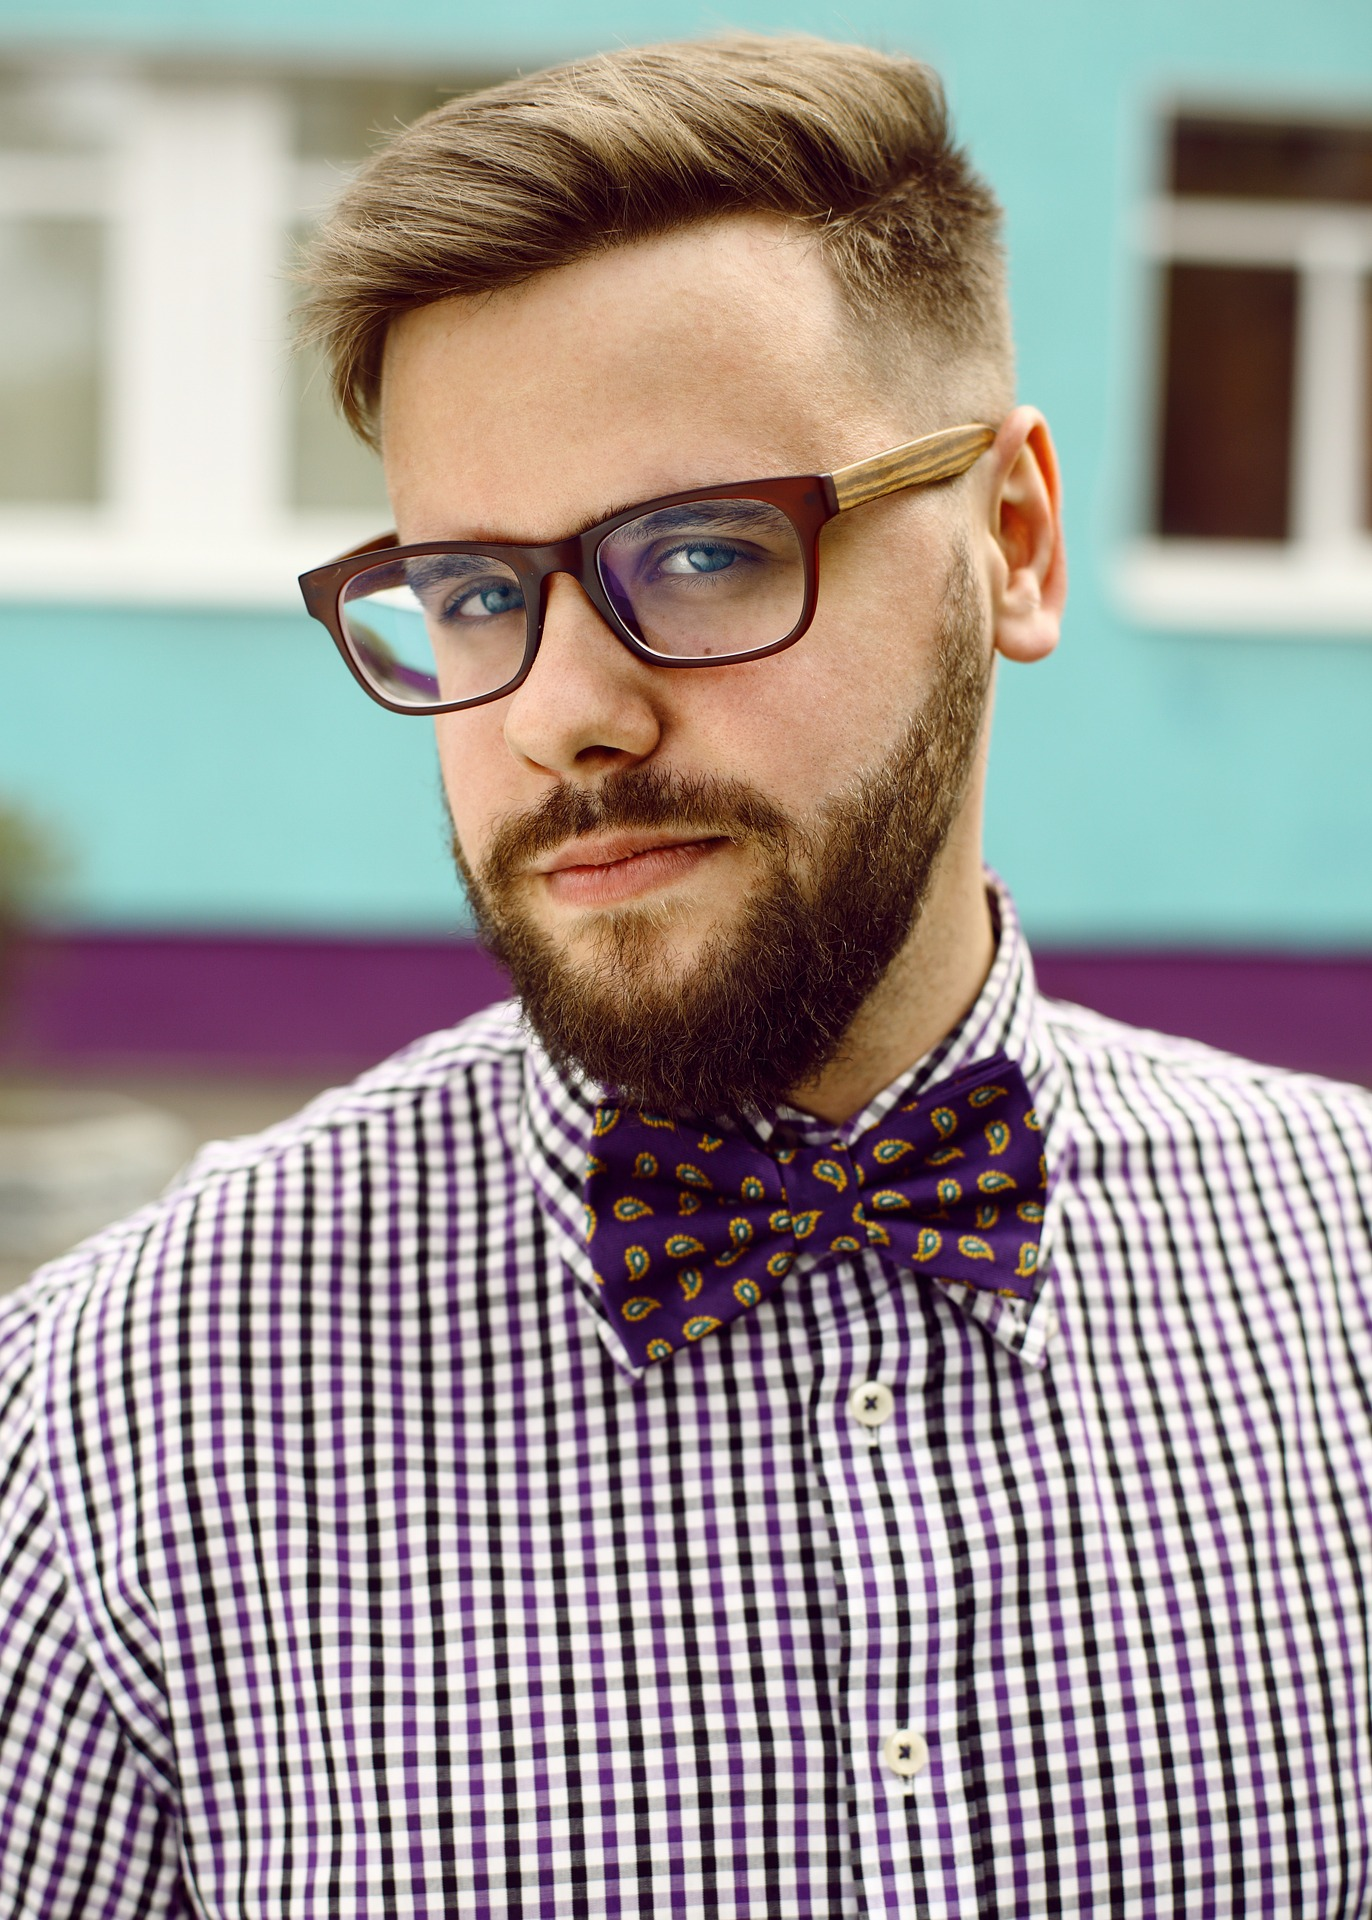 Brillen und Sonnenbrillen Trend 2016 Männer